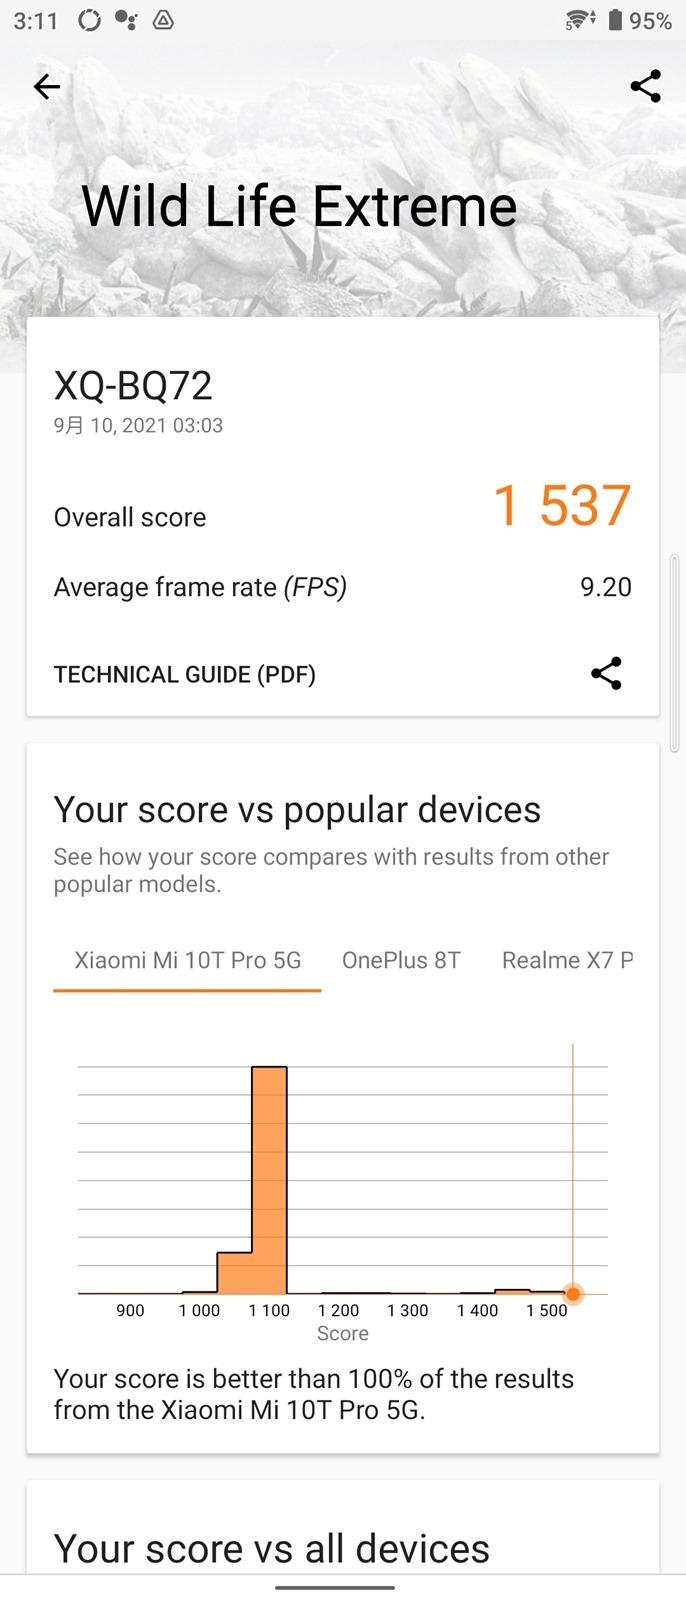 最合手旗艦 Xperia 5 III (1) 性能電力實測! 還有遊戲實測 + 充電測試 @3C 達人廖阿輝